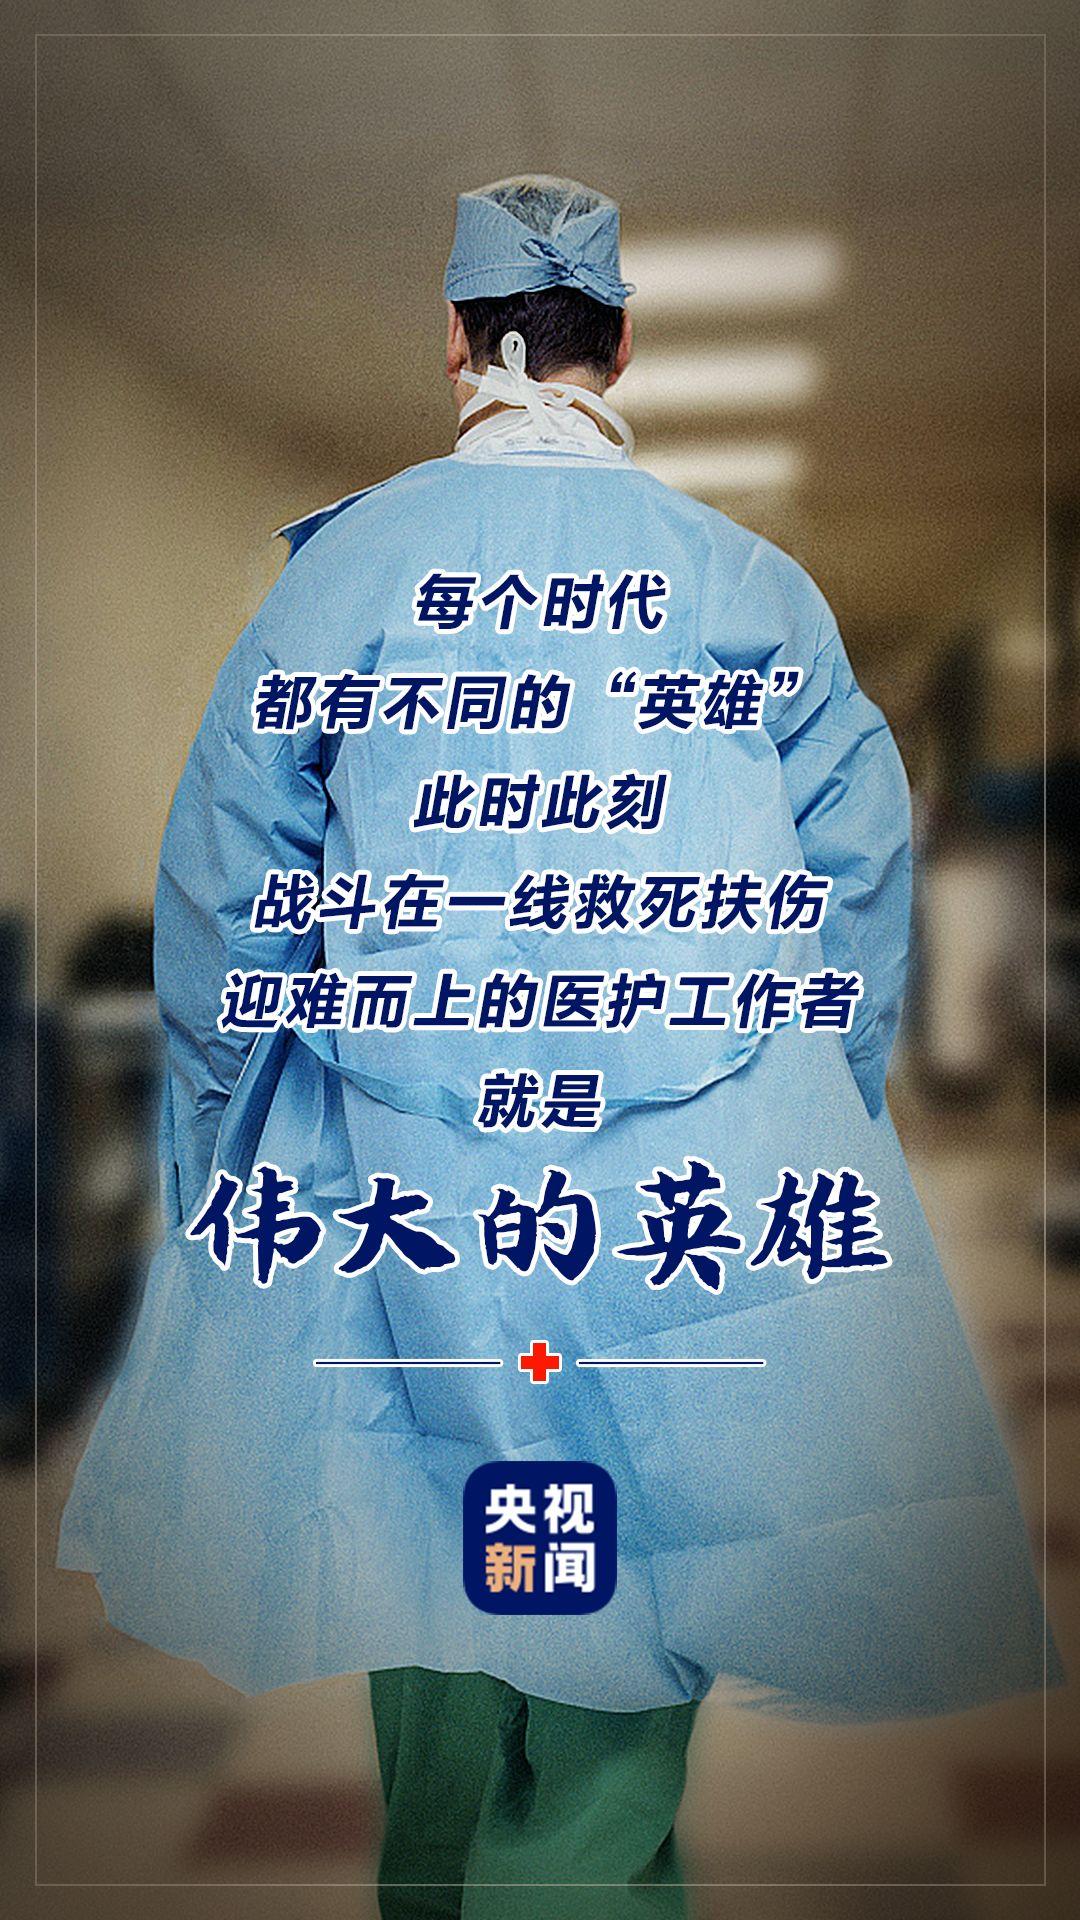 春夏秋冬 日本电影,日本电影囚禁奈绪子,日本战国电影 混混救公主